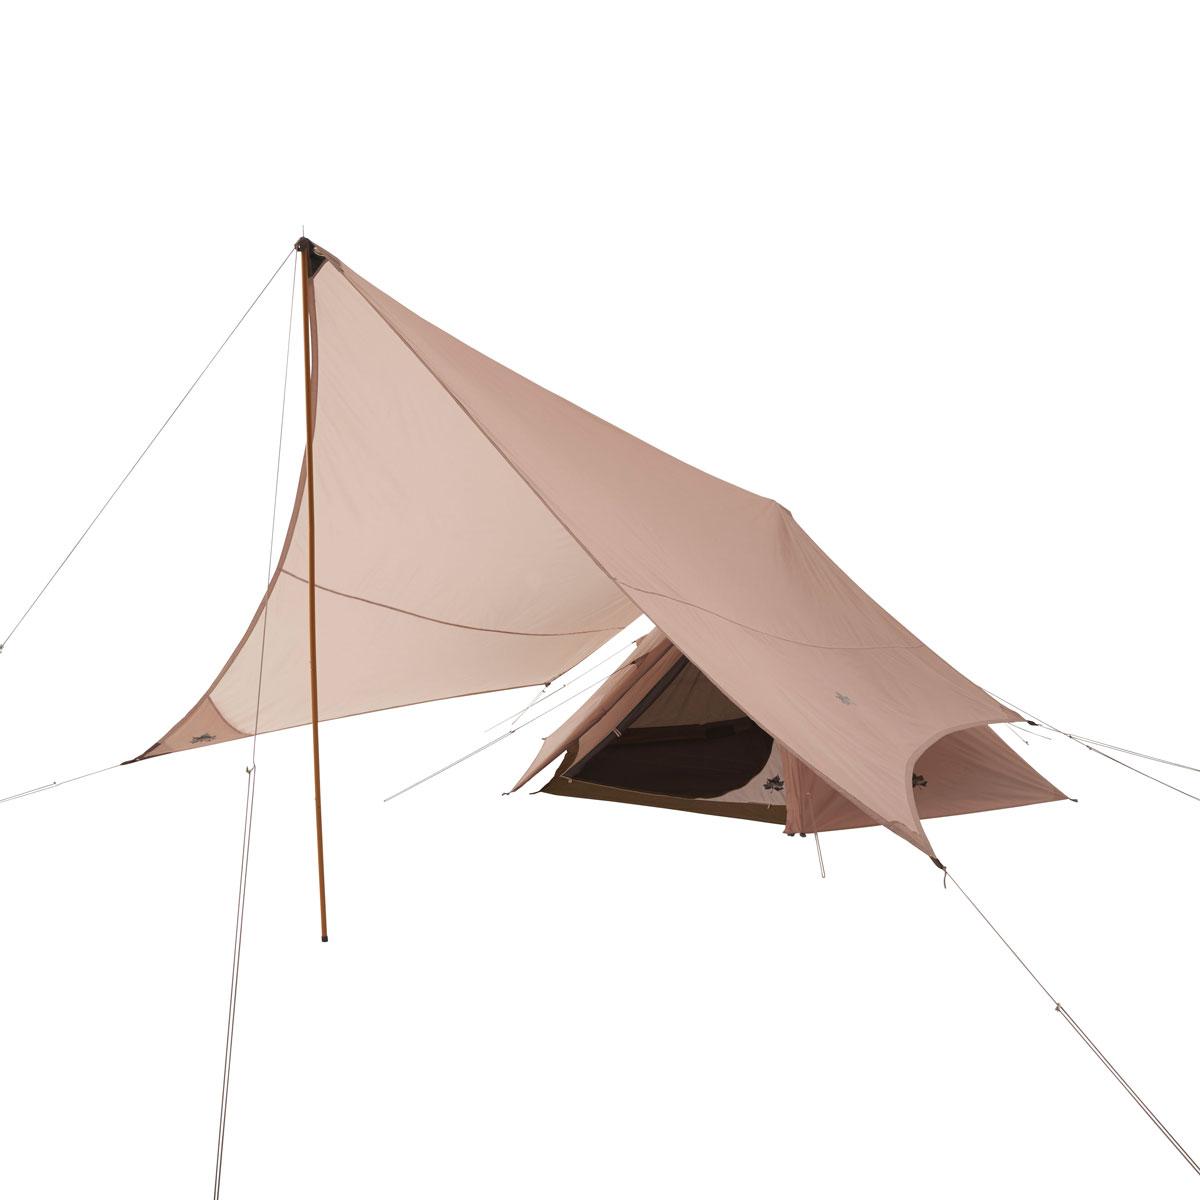 ロゴス(LOGOS) キャンプ用テント(3~5人用) Trad Tepeeタープ350-BJ 71805559 テント タープ キャンプ用テント キャンプ アウトドア